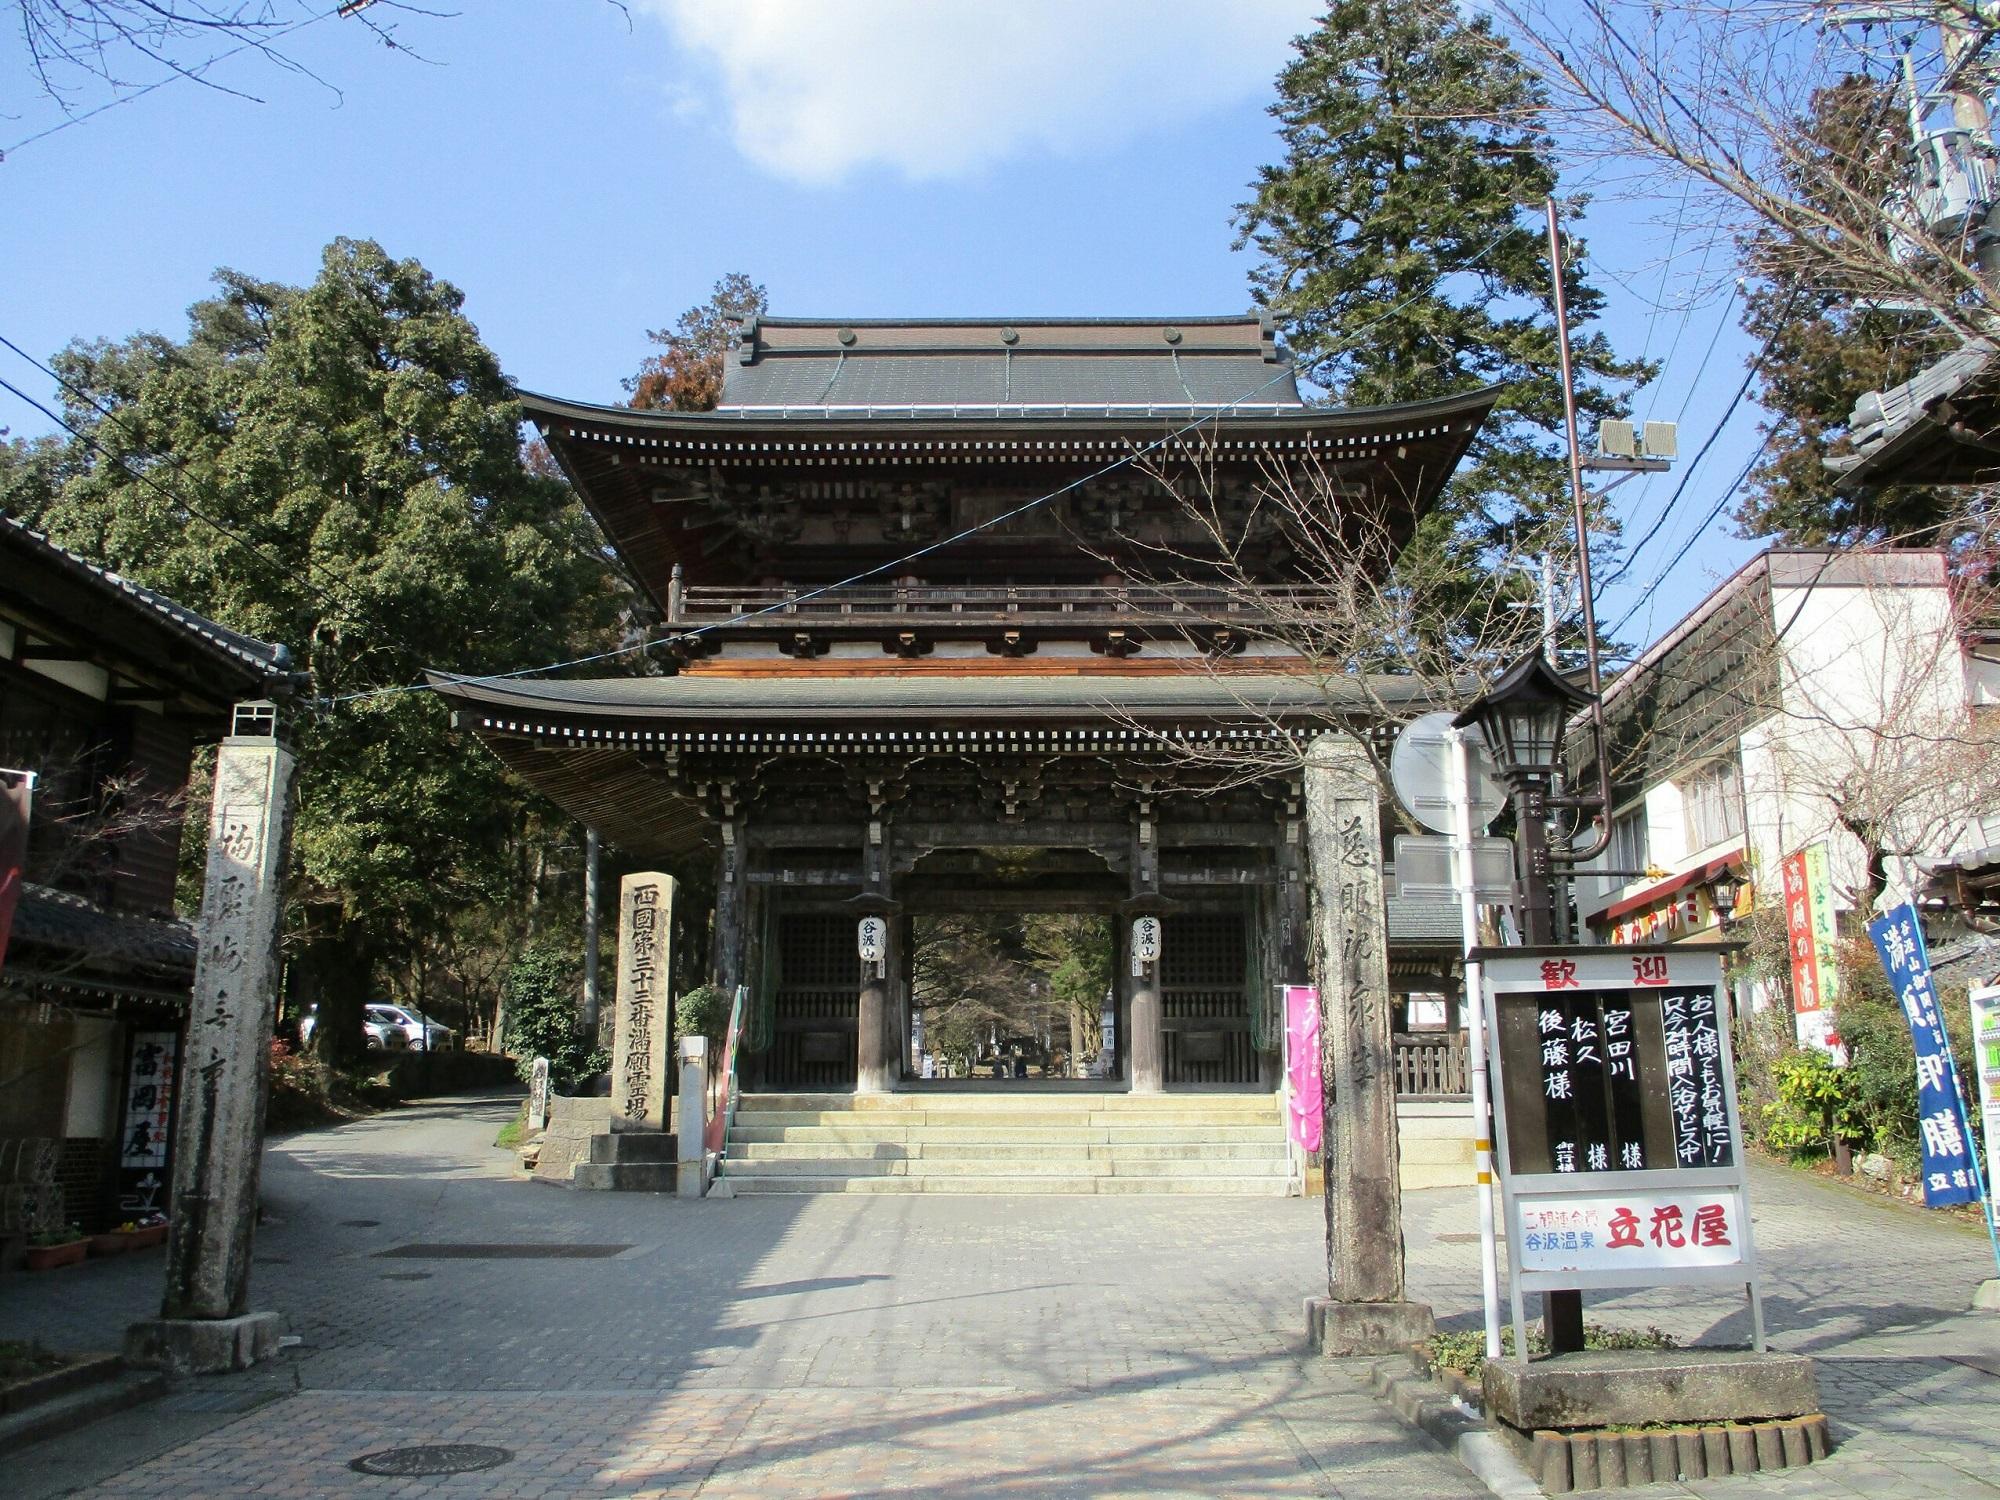 2019.3.1 (156) 谷汲山華厳寺 - 仁王門 2000-1500